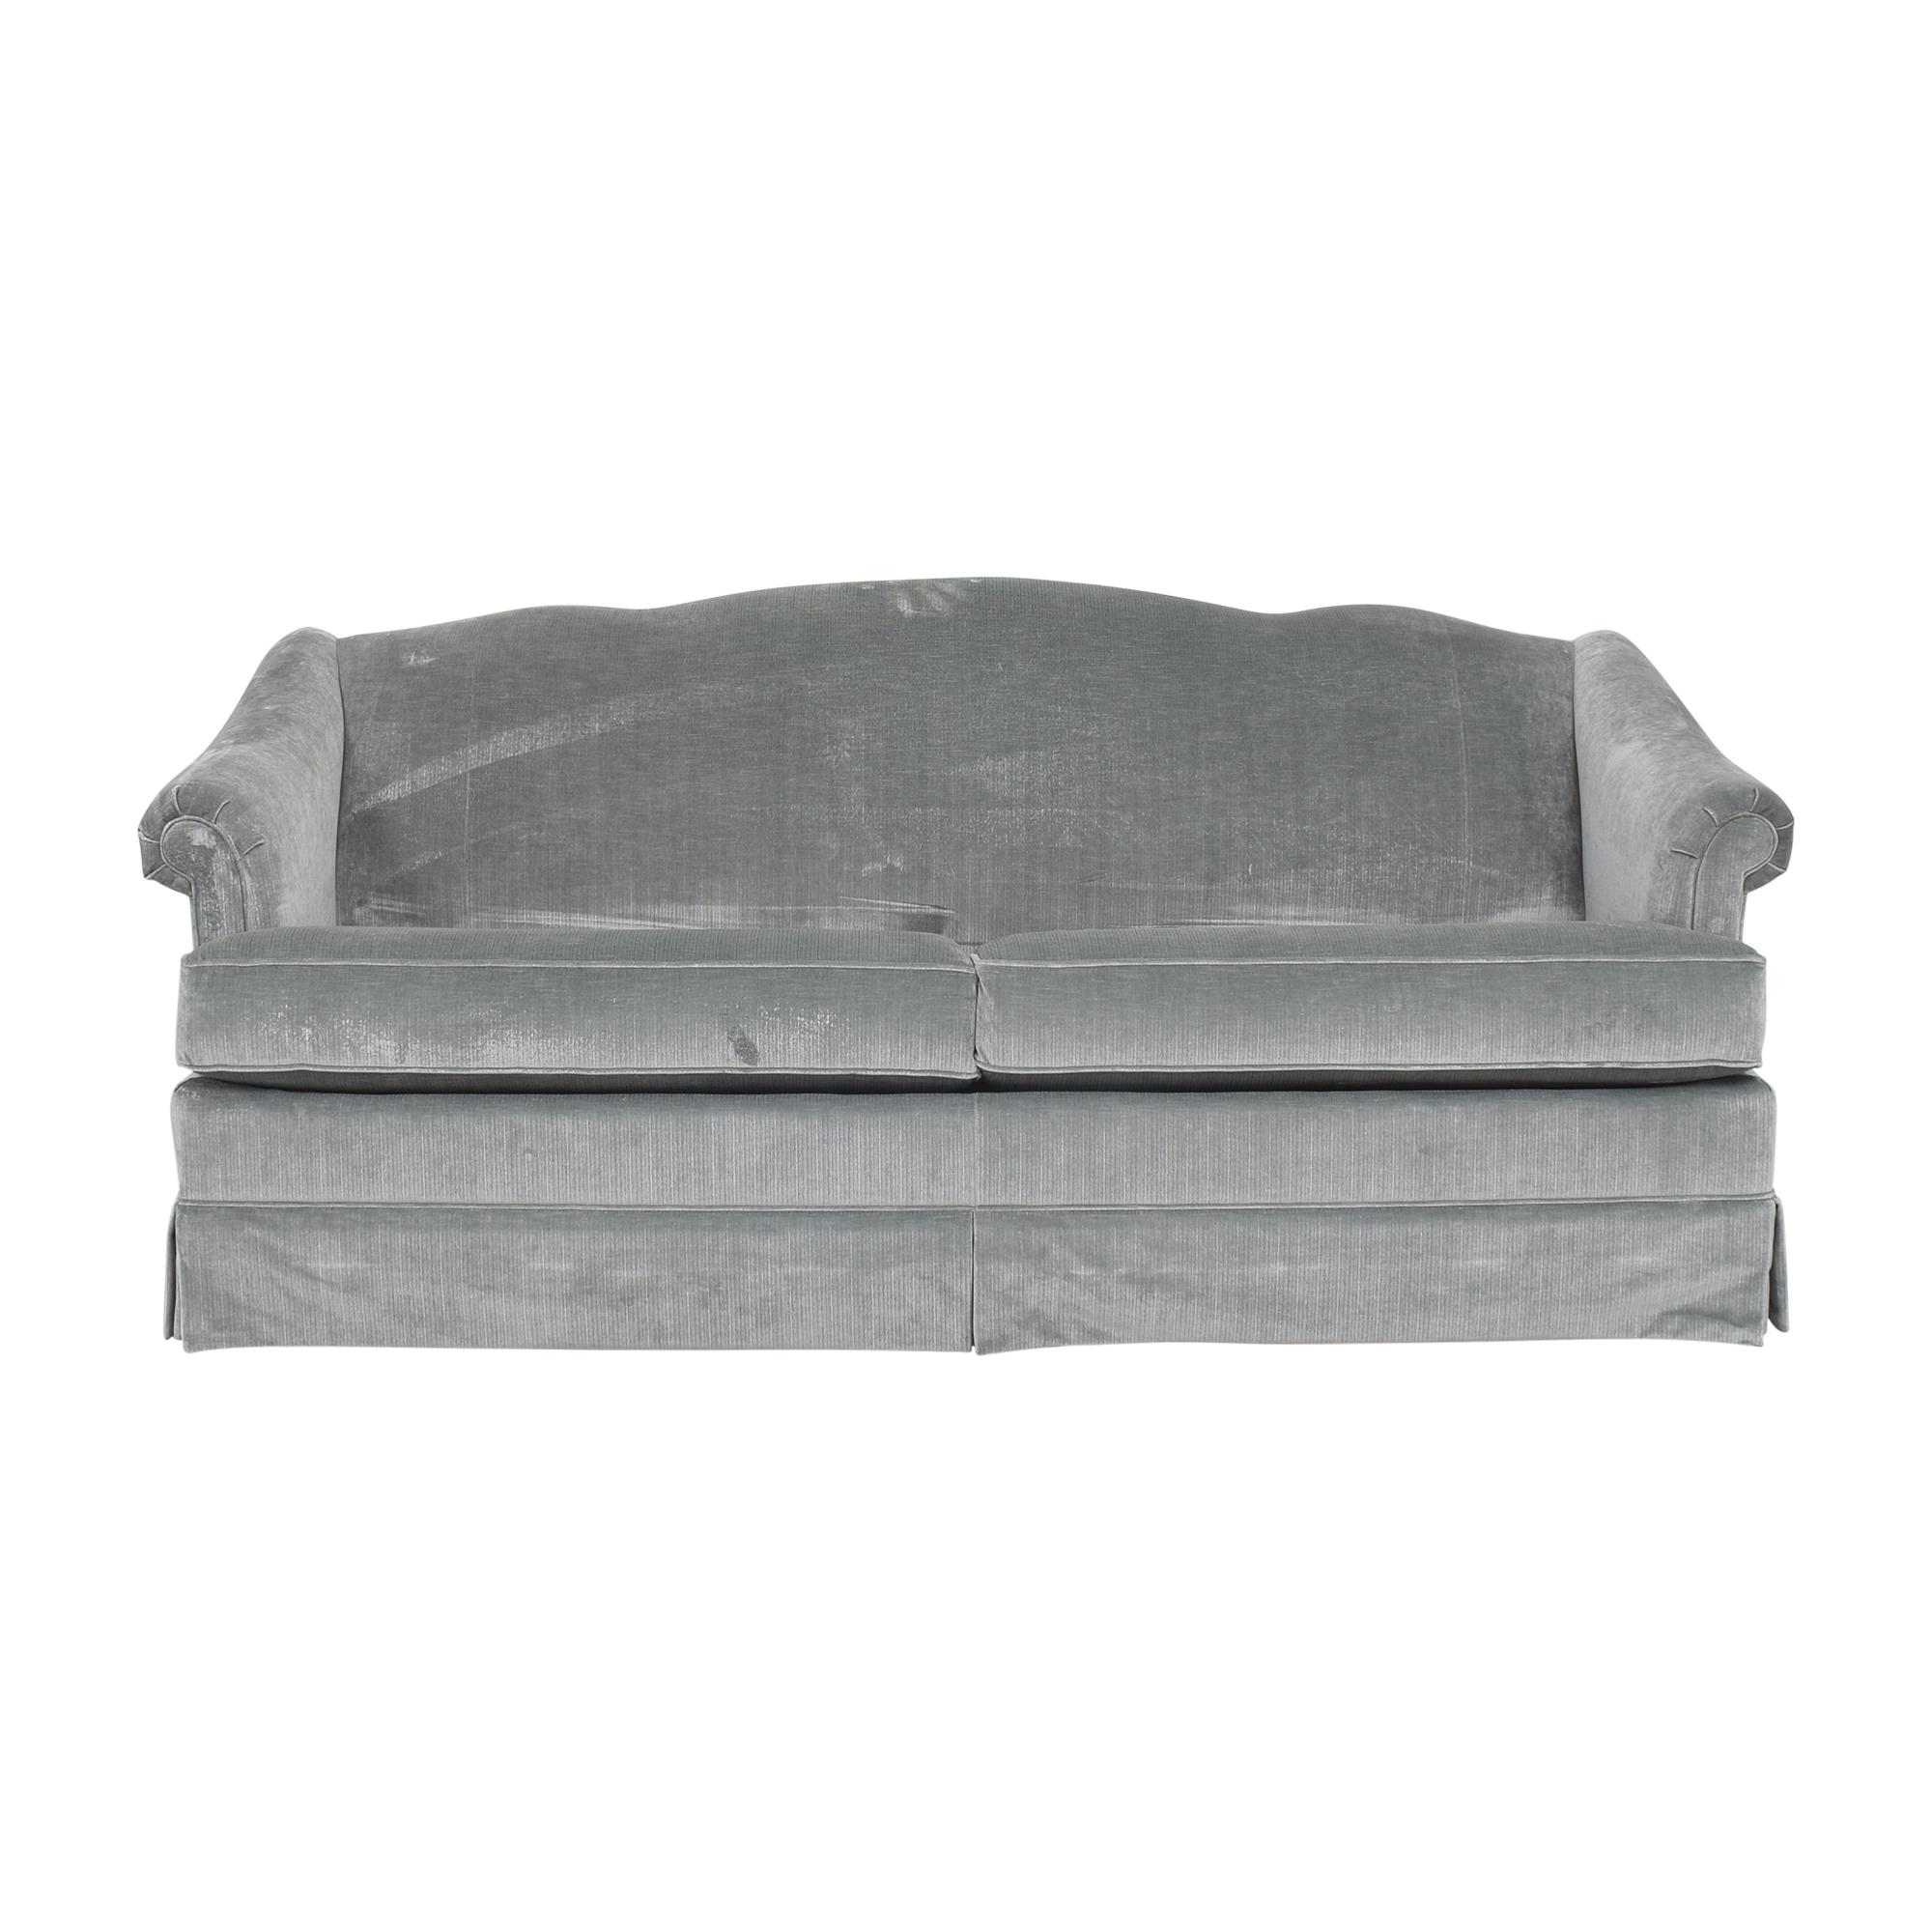 Thomasville Thomasville Maribel Sleeper Sofa price